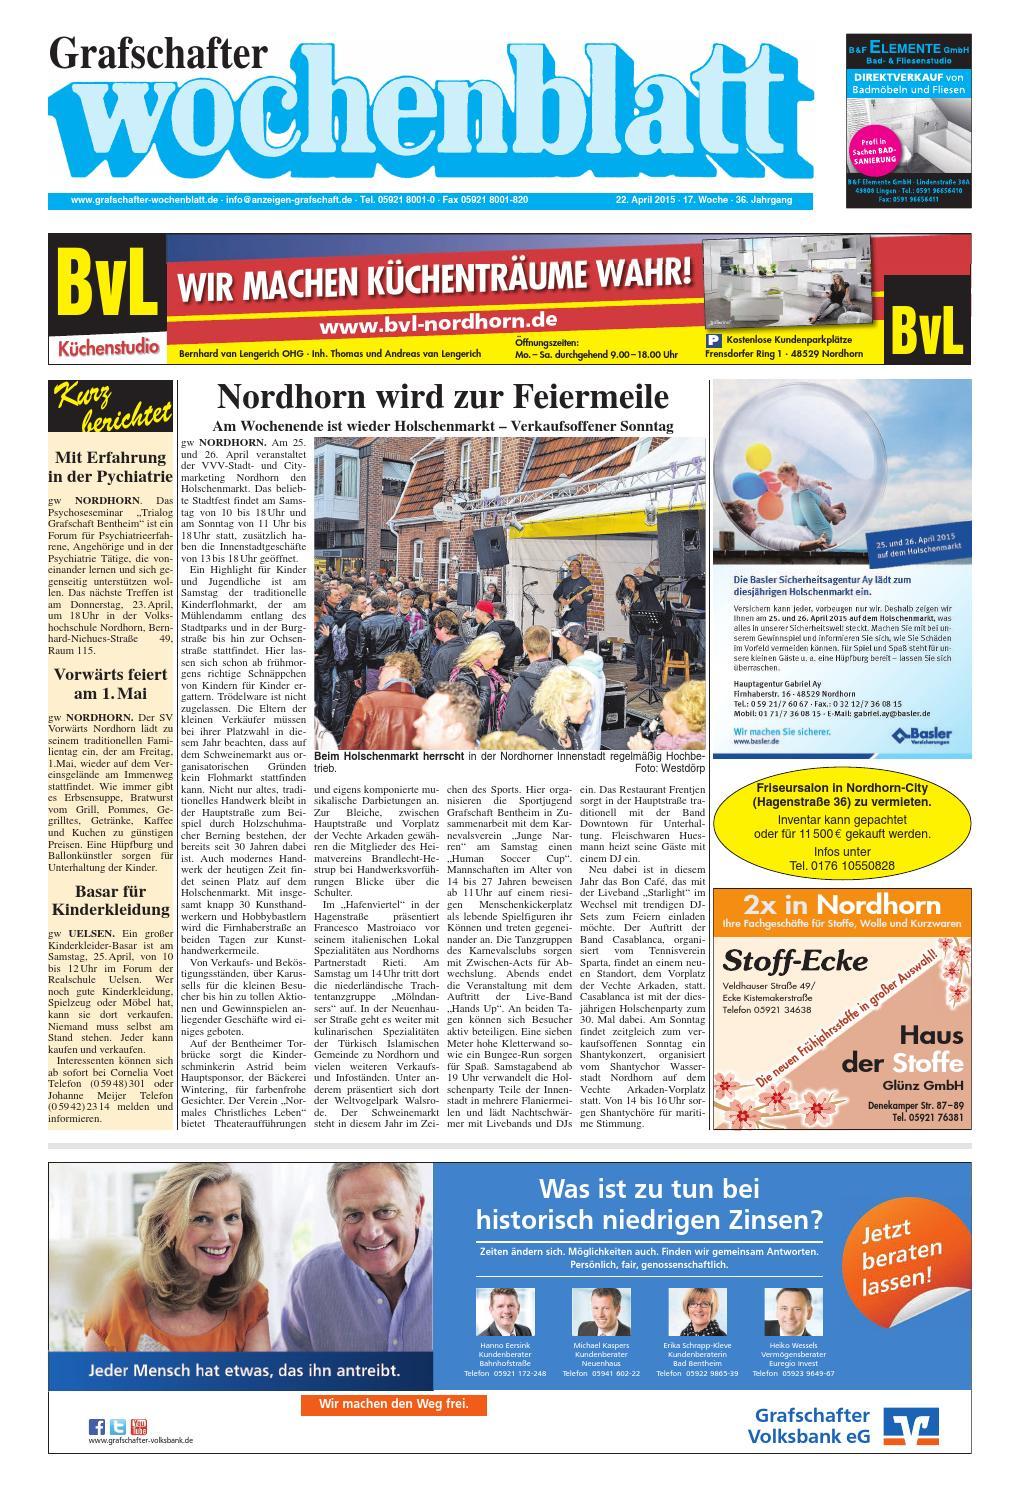 Len Nordhorn grafschafter wochenblatt 22 4 2015 by sonntagszeitung issuu